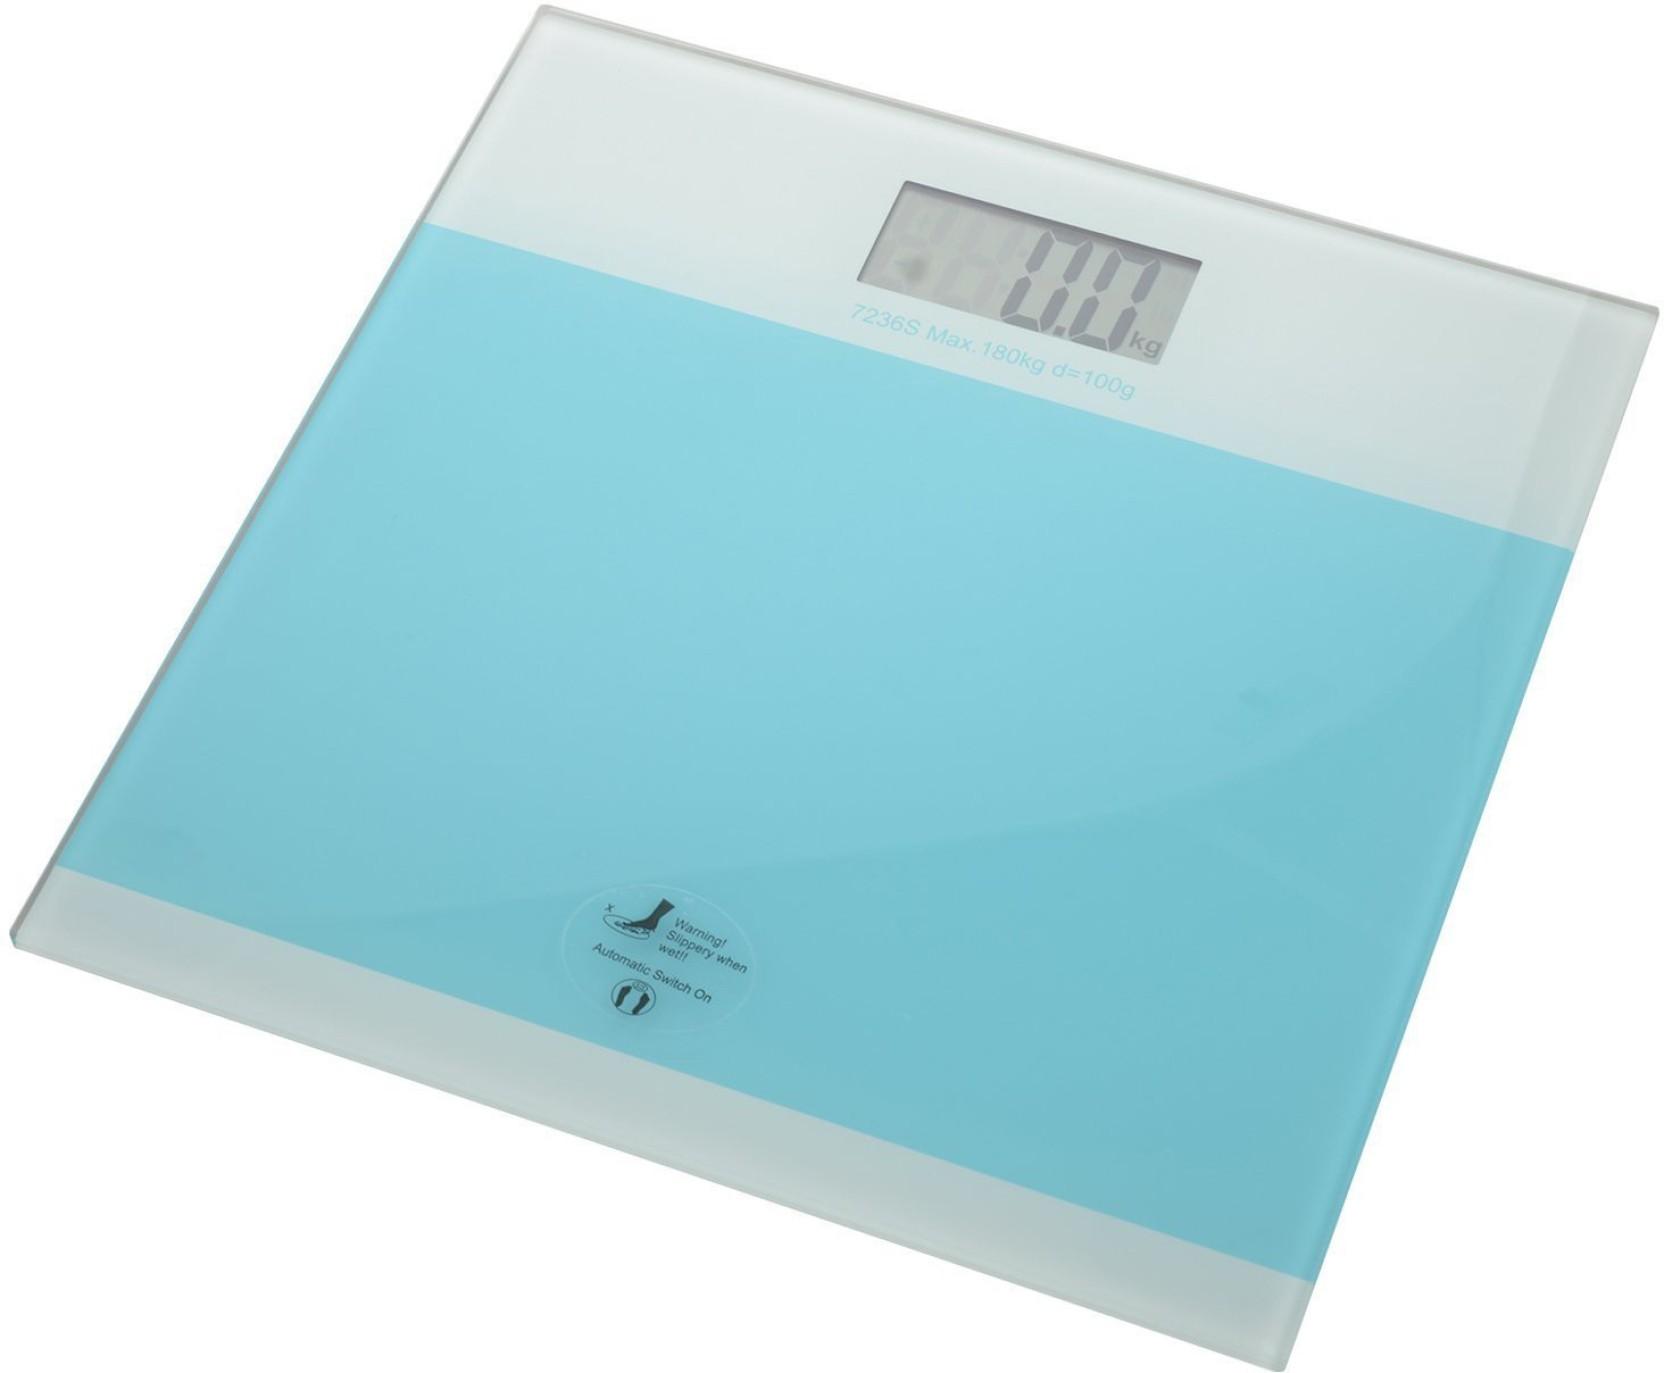 Sknol Digital Bathroom Weighing Scale Price in India - Buy Sknol ...